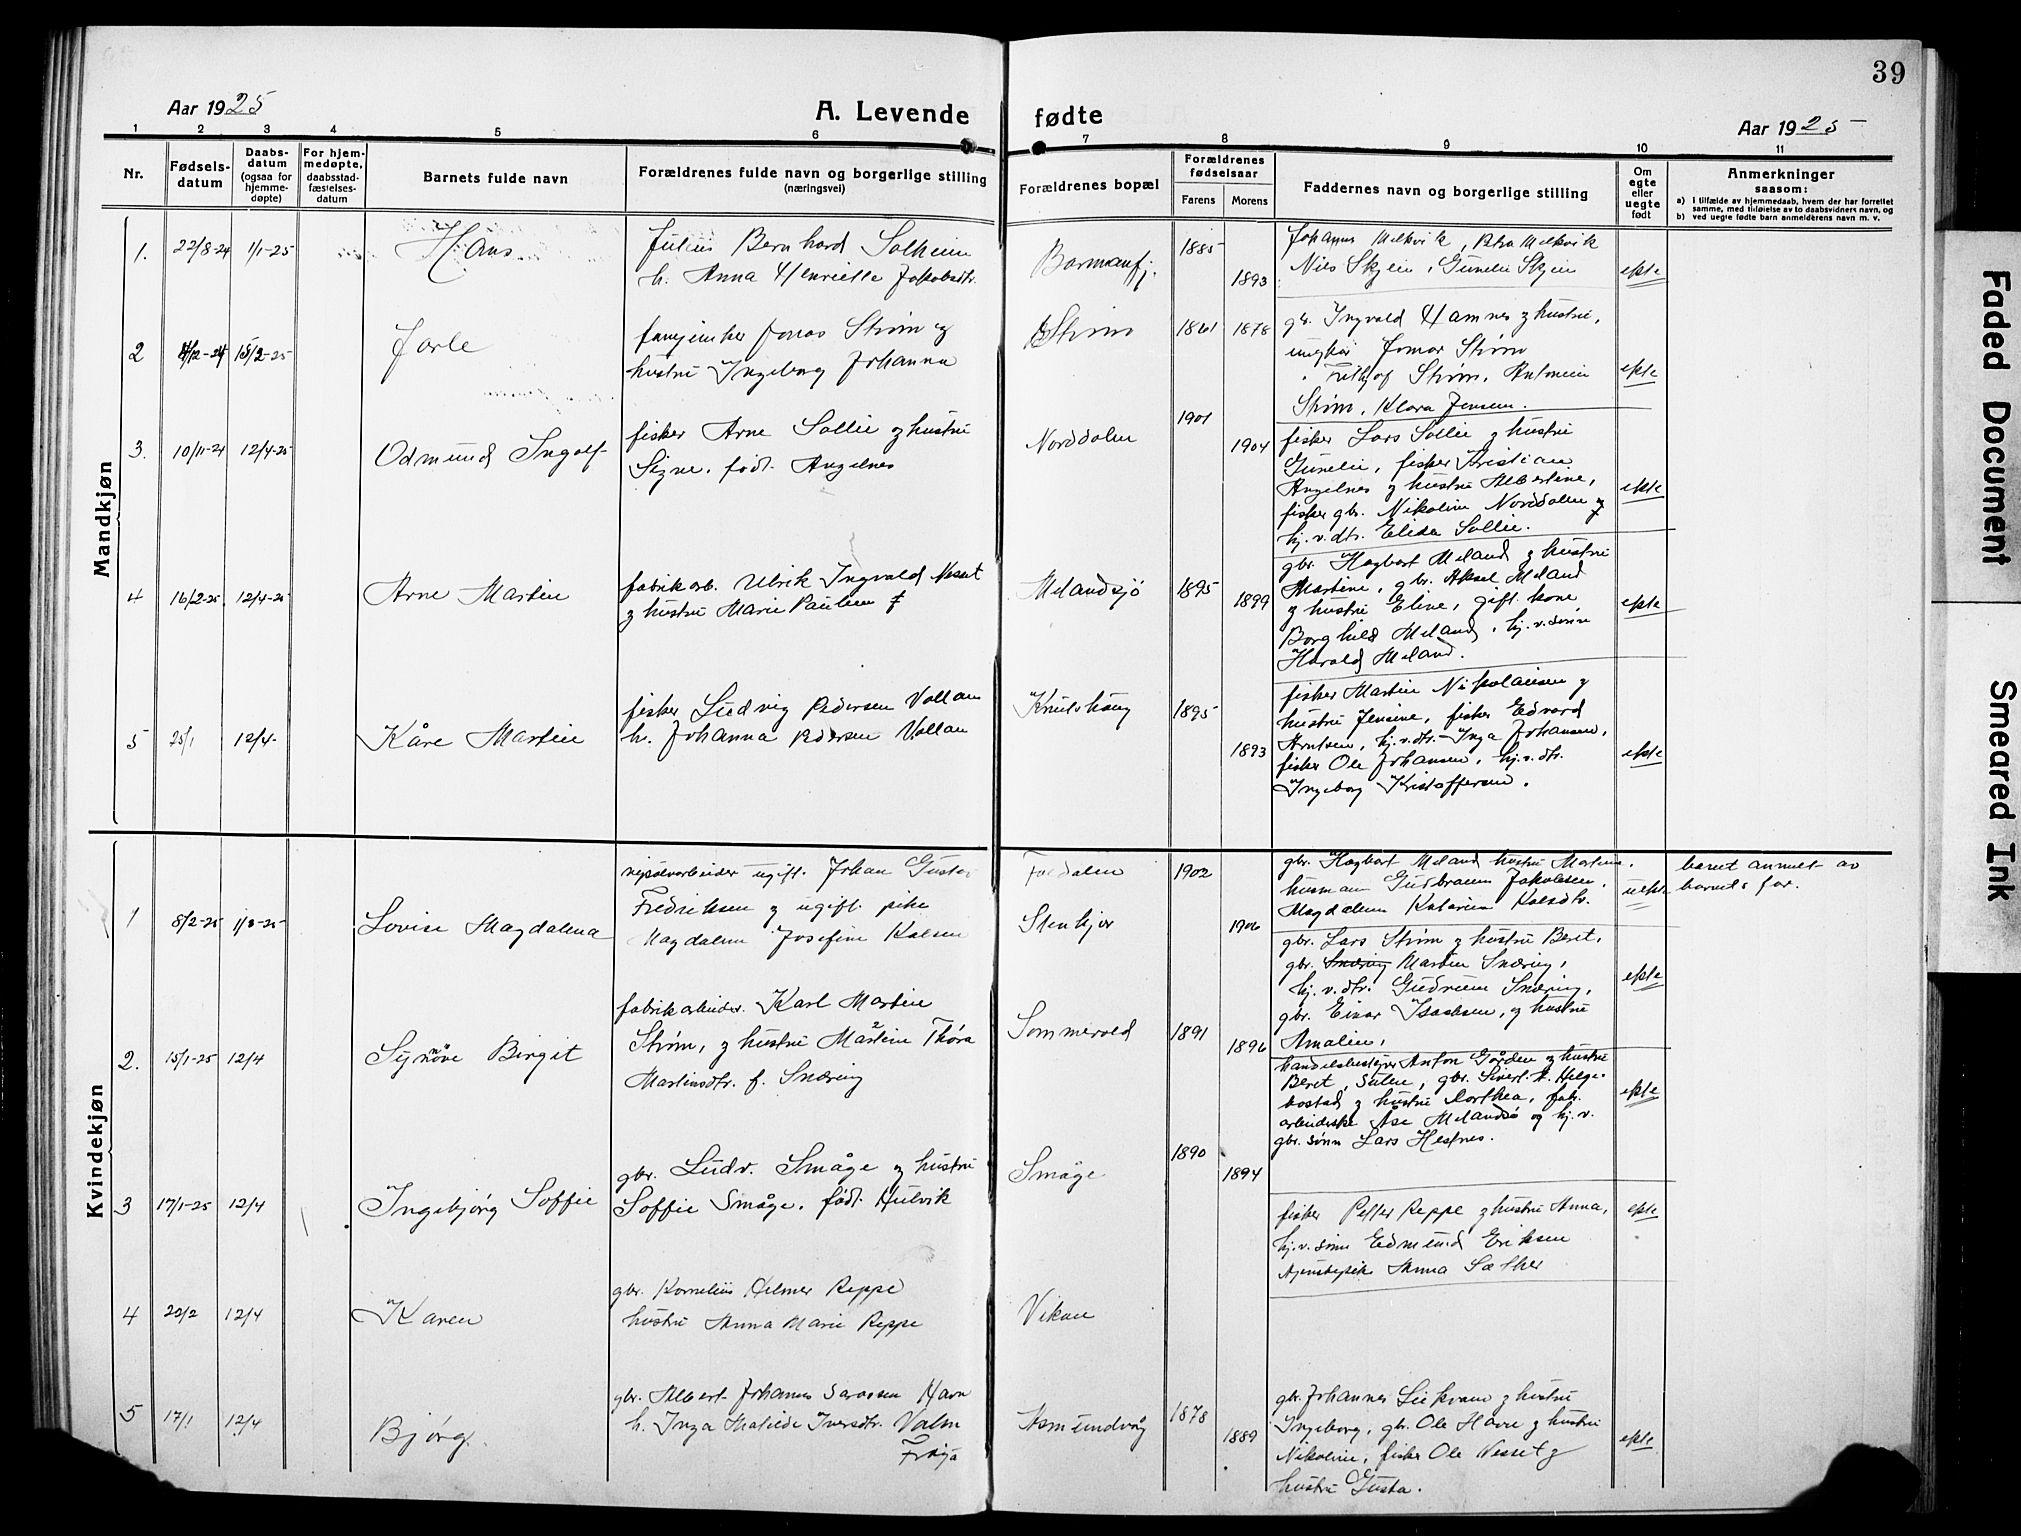 SAT, Ministerialprotokoller, klokkerbøker og fødselsregistre - Sør-Trøndelag, 634/L0543: Klokkerbok nr. 634C05, 1917-1928, s. 39